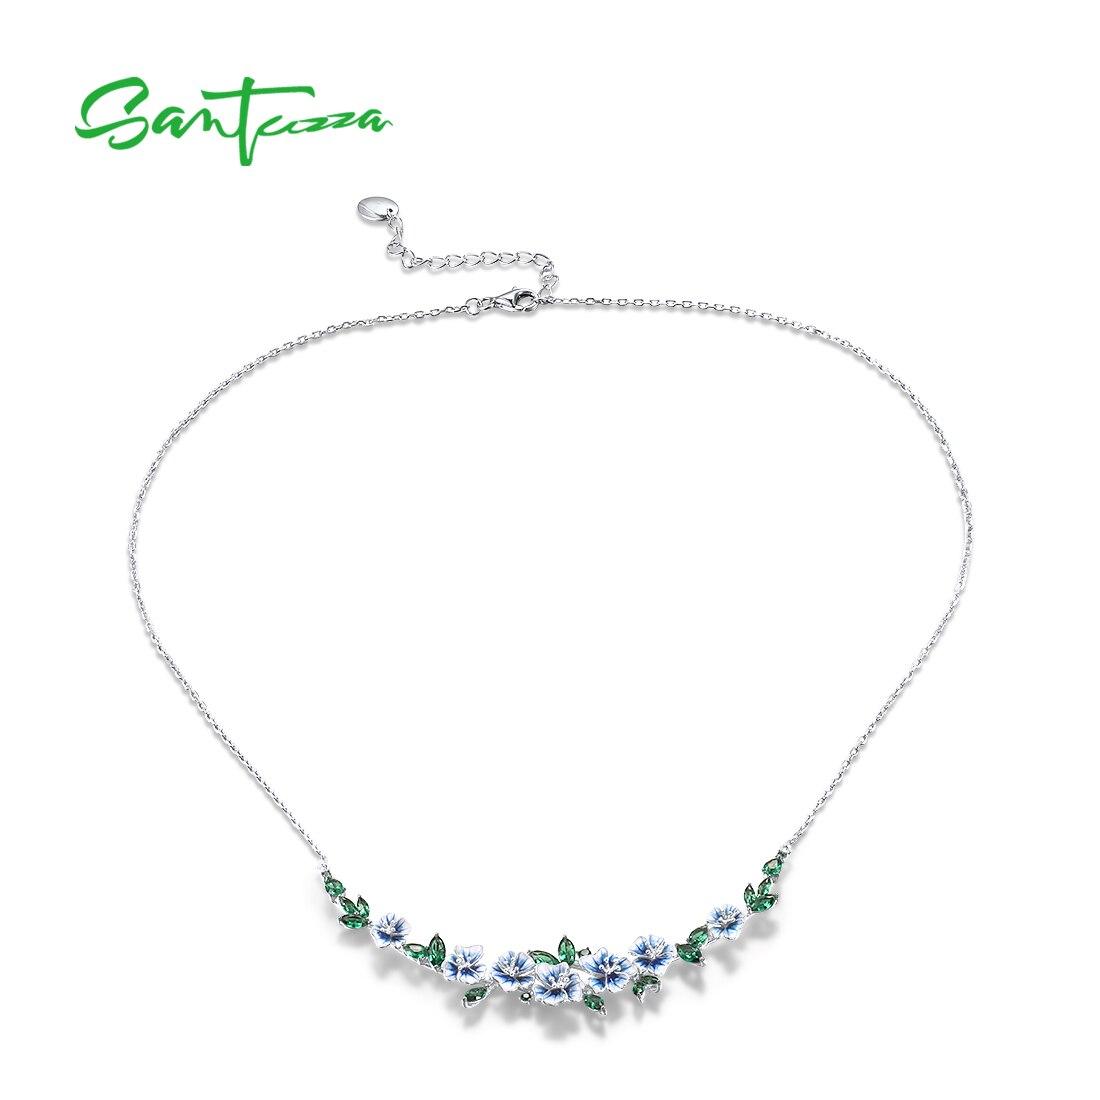 Traumhafte Halskette mit lebensecht emaillierten blauen Blumen und grünem Spinell   925 Halskette 925 Halsketten Frühling